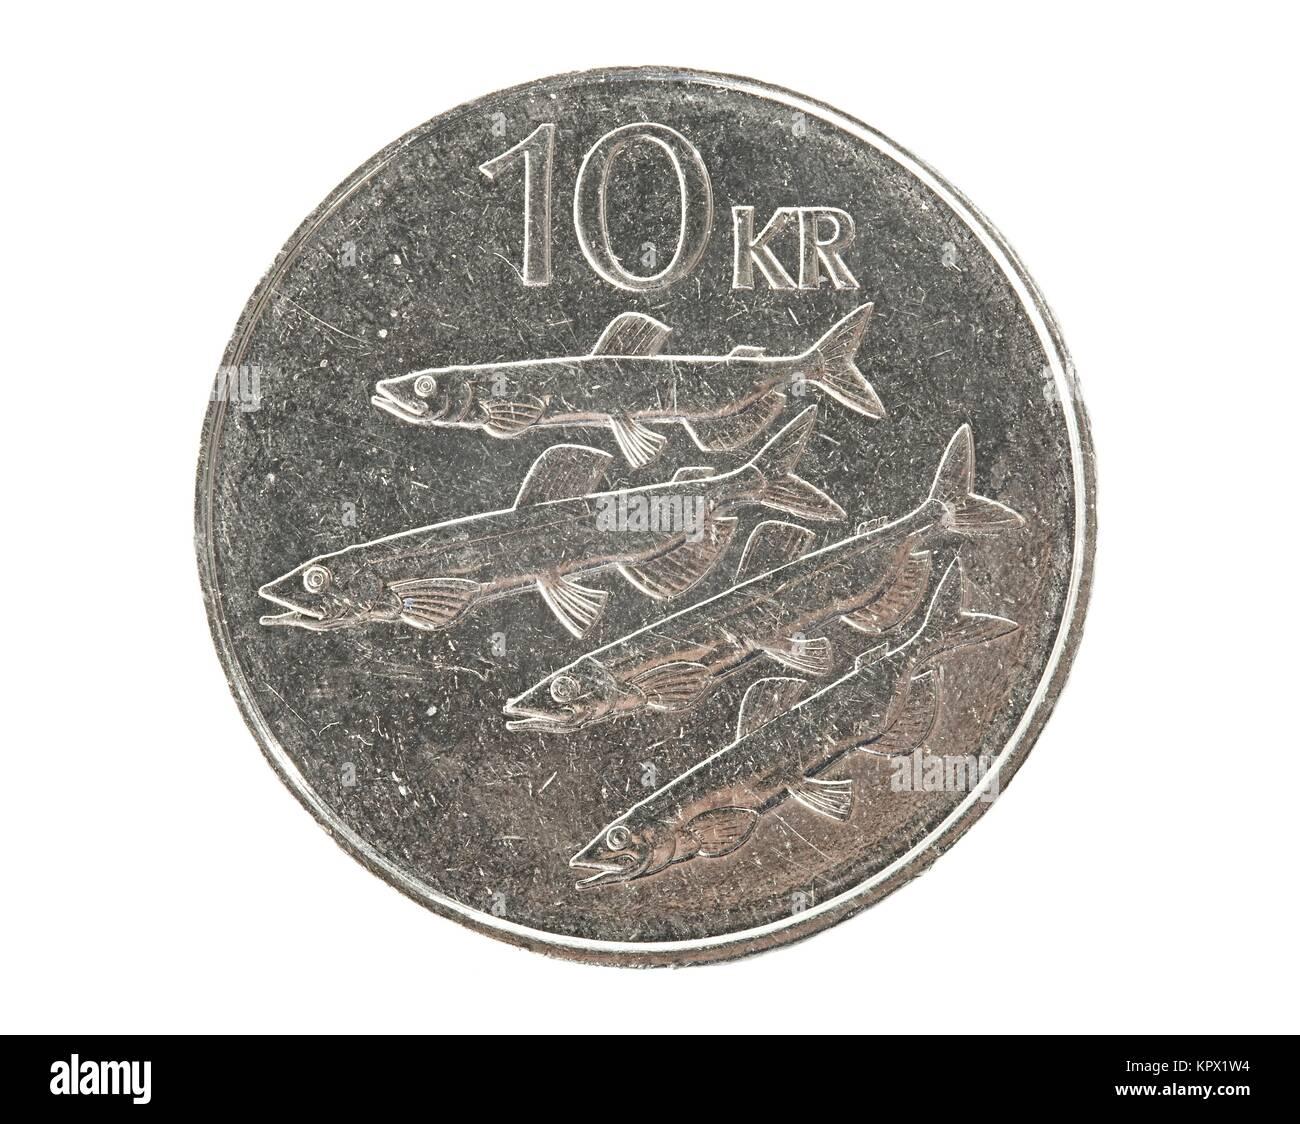 Isländische 10 Kronen Münze Stockfoto Bild 168987984 Alamy